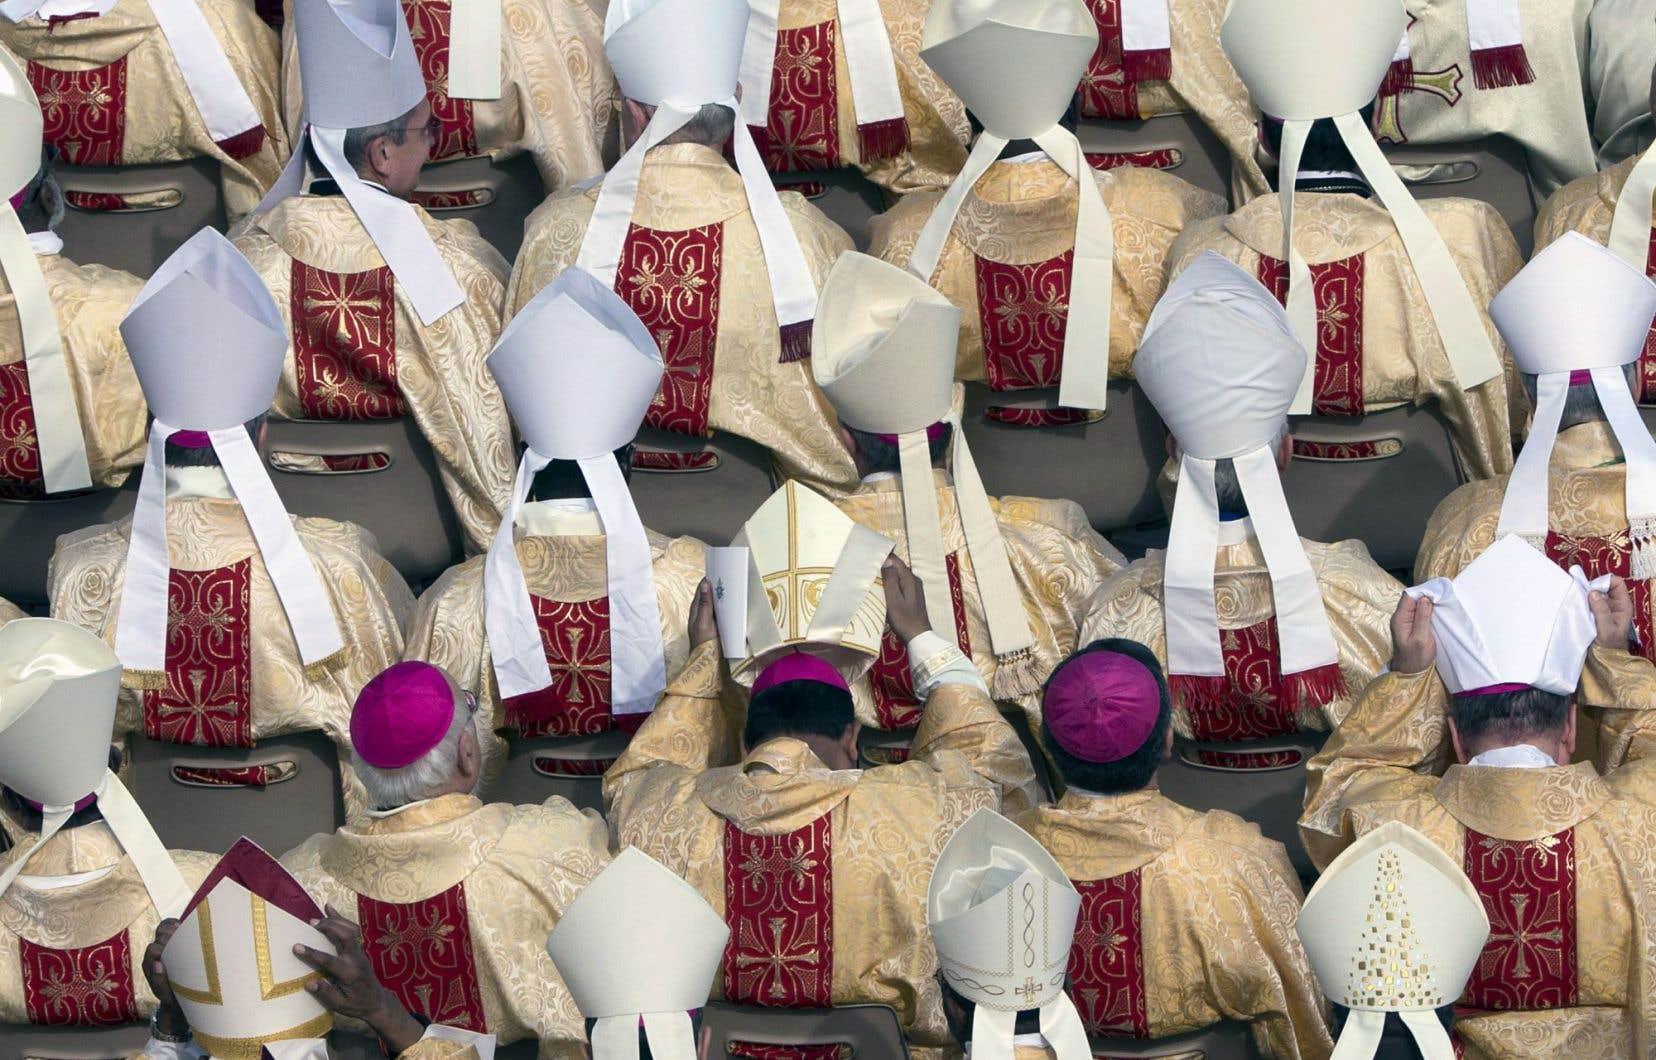 Pour porter secours aux migrants de Syrie et des environs, le pape a lancé l'appel aux évêques catholiques d'inviter les paroisses à accueillir des réfugiés.